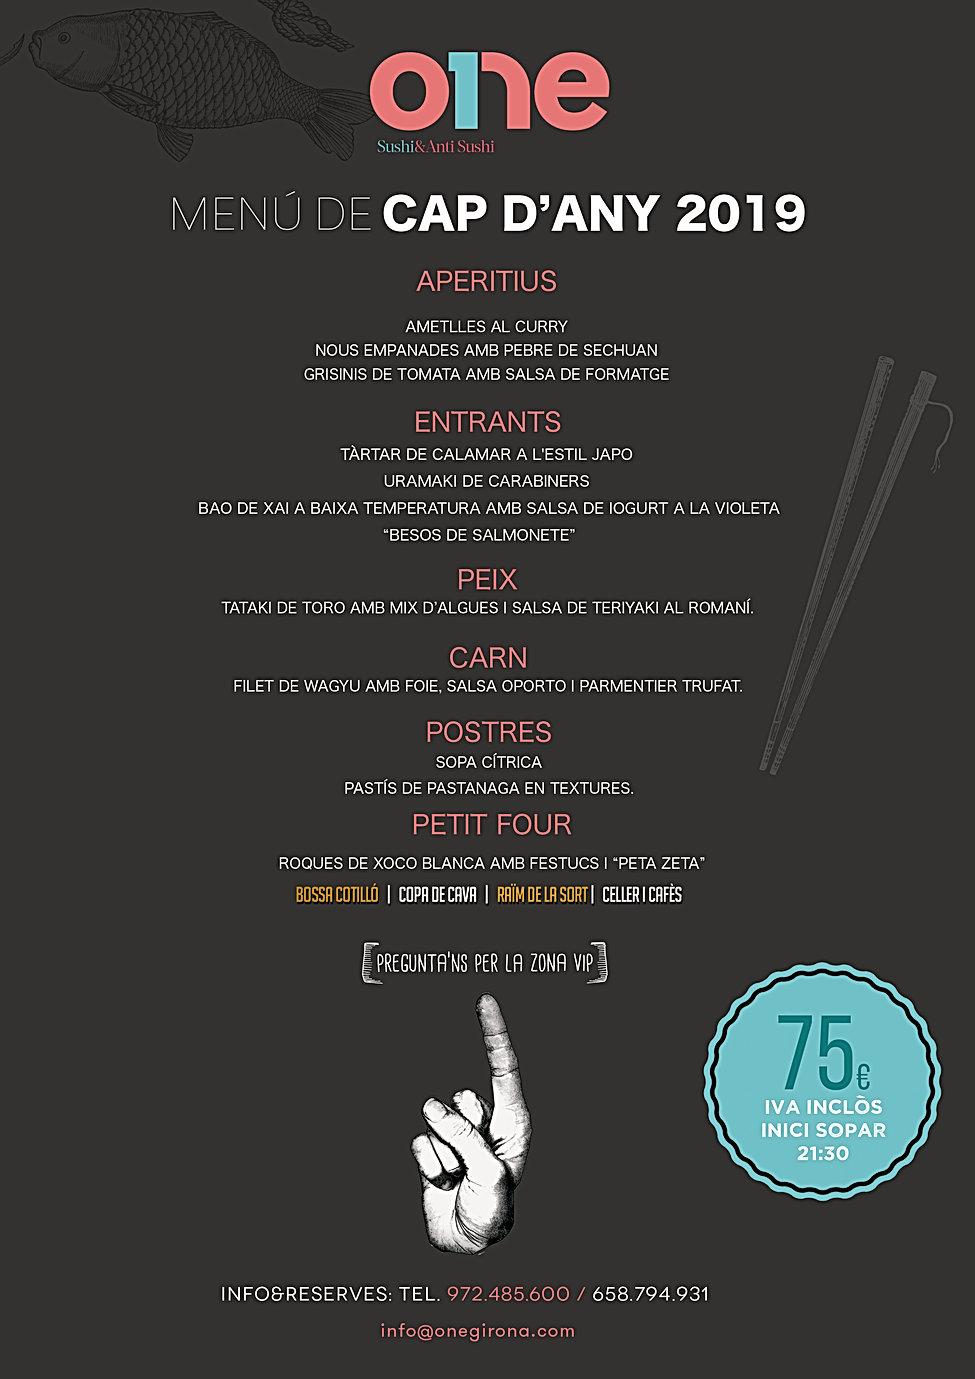 MENU_FIN_DE_AÑO_2019.jpg